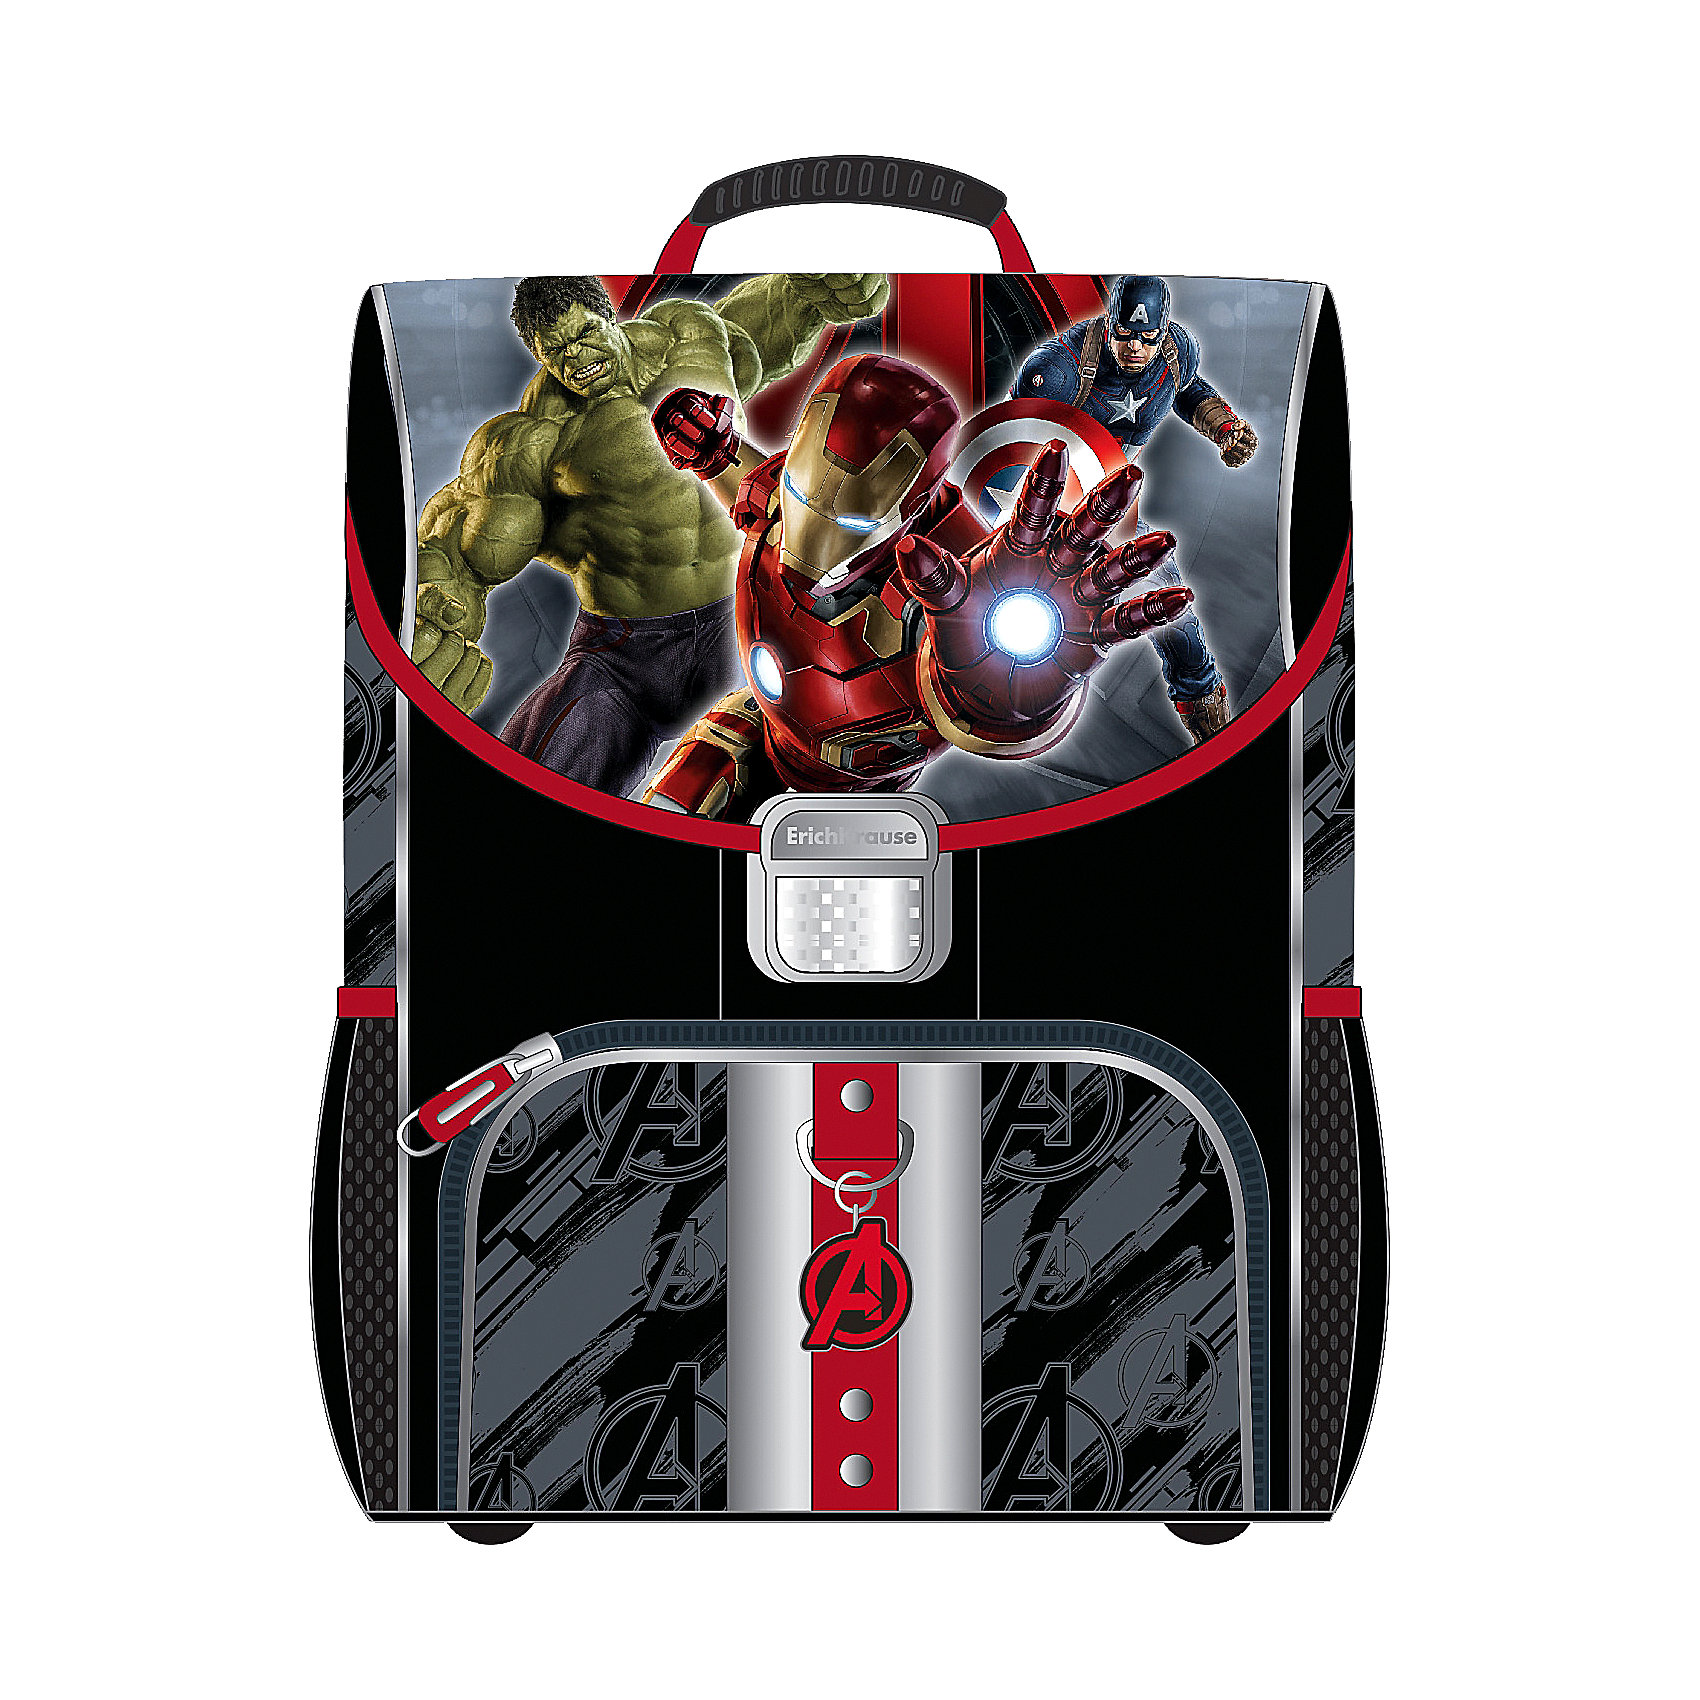 Школьный ранец Мстители-2 с эргономичной спинкойРанец Мстители-2 (Avengers-2), Erich Krause (Эрих Краузе) - удобный и практичный школьный ранец для повседневного использования. Ранец выполнен из прочной долговечной ткани черно-серой расцветки с красными вставками и имеет оригинальный дизайн с изображением популярных супергероев из фильмов и комиксов. У ранца твердая спинка с эргономичной конструкцией, которая не дает ребенку сутулиться и предотвращает нарушение осанки. Система противооткидов позволяет контролировать положения ранца на спине. Широкие мягкие лямки, регулируемые по длине, равномерно распределяют нагрузку на плечевой пояс. Также есть удобная пластиковая ручка, за которую можно нести ранец. Жесткое пластиковое дно с ножками защищает от загрязнений.<br><br>Ранец закрывается на прочный металлический замок, внутри одно основное просторное отделение с двумя складывающимися отделениями и большим карманом на молнии для аксессуаров. Также имеются два маленьких сетчатых кармана по бокам и большой накладной карман с застежкой-молнией на лицевой стороне Светоотражающие элементы на лицевой части, боковых сторонах и лямках повышают безопасность ребенка в темноте. При загрязнении ранец легко очищается водой с мылом.<br><br>Дополнительная информация:<br>- Материал: полиэстер.  <br>- Размер: 37 х 29 х 19 см.<br>- Вес: 680 г.<br><br>Ранец Мстители-2 (Avengers-2) с эргономичной спинкой (Generic), Erich Krause (Эрих Краузе), можно купить в нашем интернет-магазине.<br><br>Ширина мм: 290<br>Глубина мм: 190<br>Высота мм: 370<br>Вес г: 1470<br>Возраст от месяцев: 72<br>Возраст до месяцев: 96<br>Пол: Мужской<br>Возраст: Детский<br>SKU: 4058097